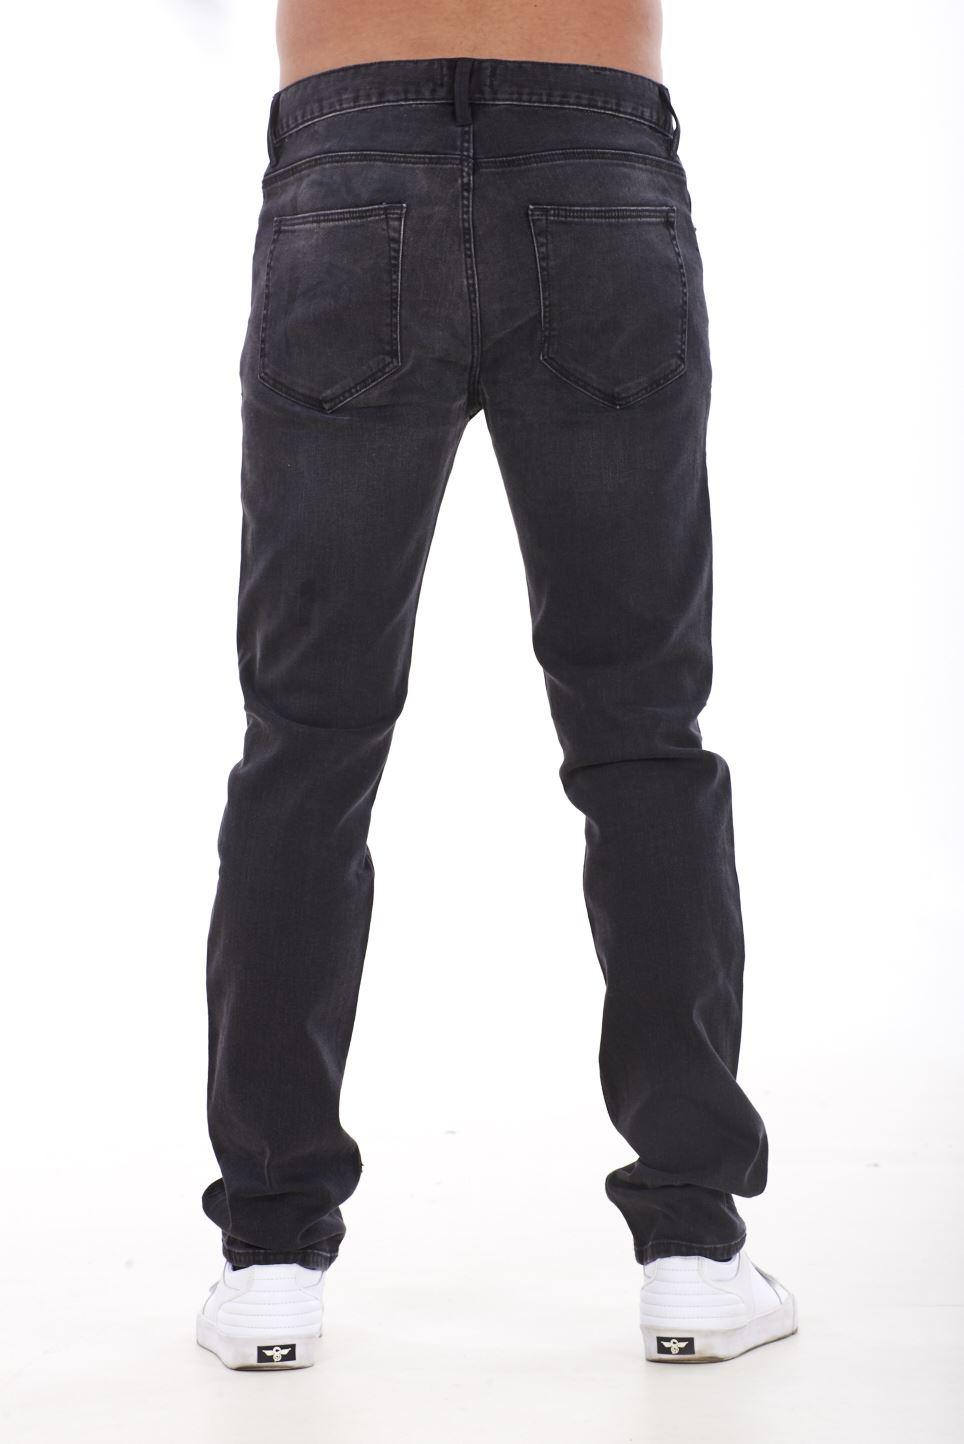 NUOVA-Linea-Uomo-Ragazzi-Slim-Fit-Stretch-Qualita-Jeans-Regolare-Pantaloni-con-marchio-SMART-30-40 miniatura 4